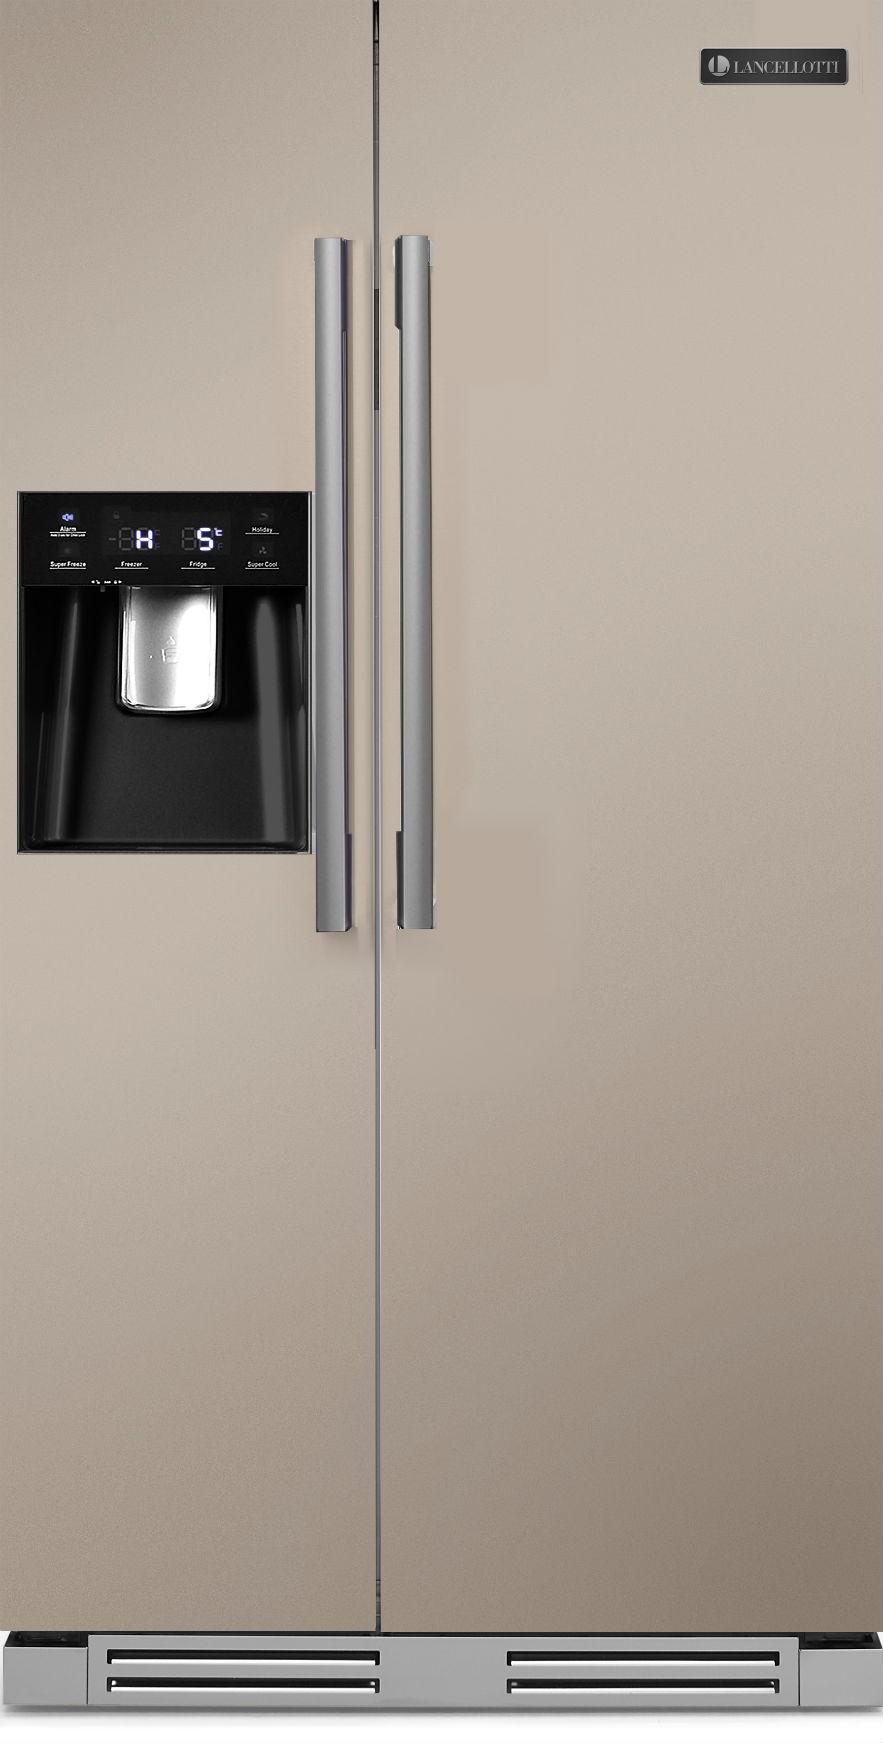 Amerikaanse koelkast Lancellotti